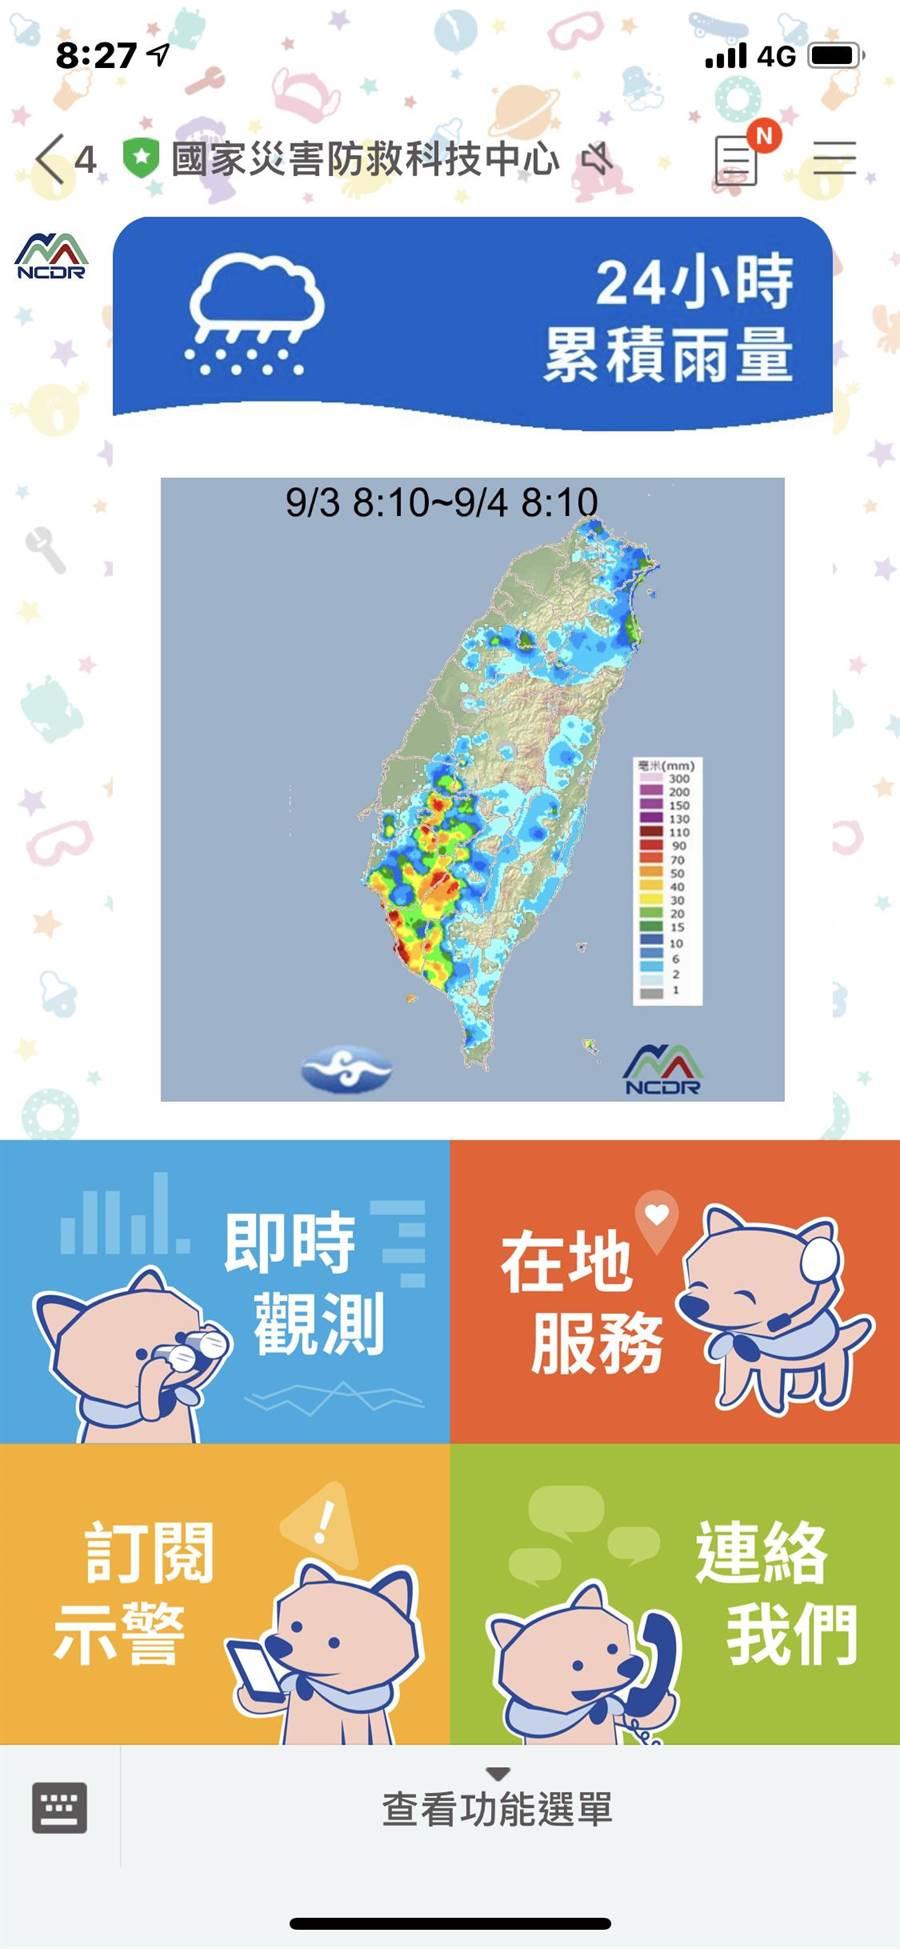 「國家災害防救科技中心LINE官方帳號」提供民眾訂閱在地化的即時防災資訊。(台南市研考會提供)